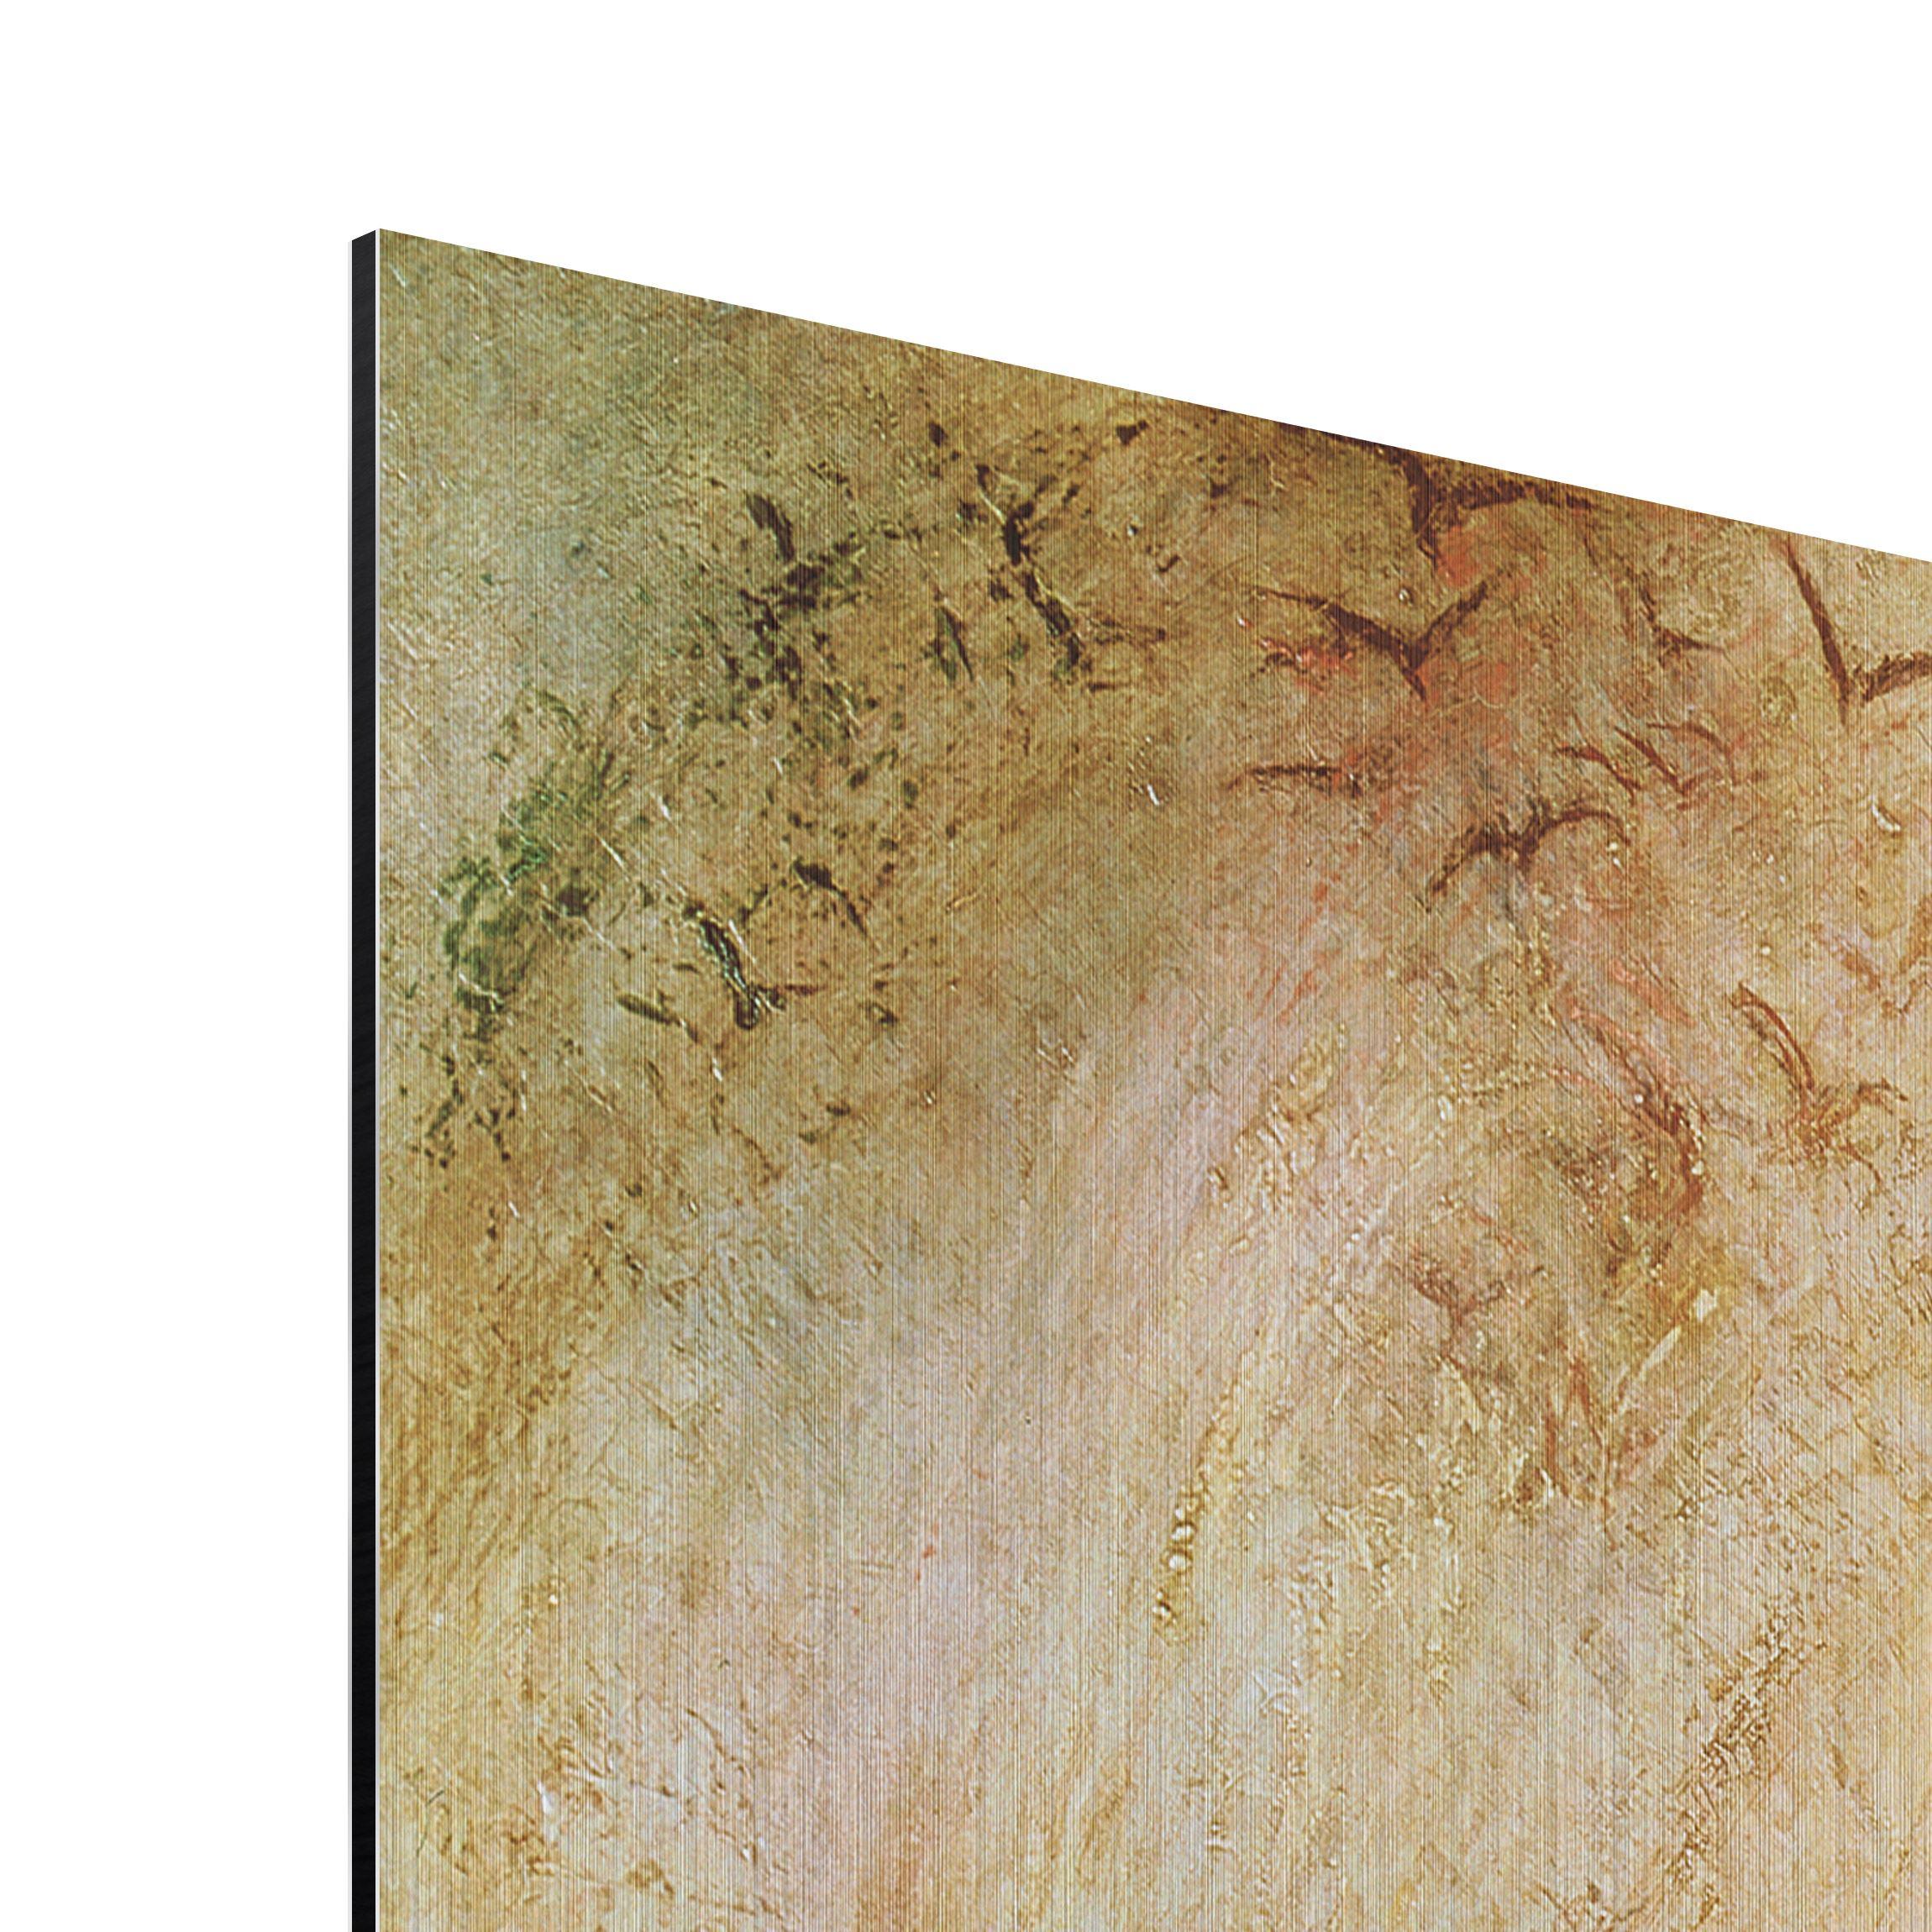 alu dibond geb rstet kunstdruck william turner der engel vor der sonne romantik quadrat 1 1. Black Bedroom Furniture Sets. Home Design Ideas